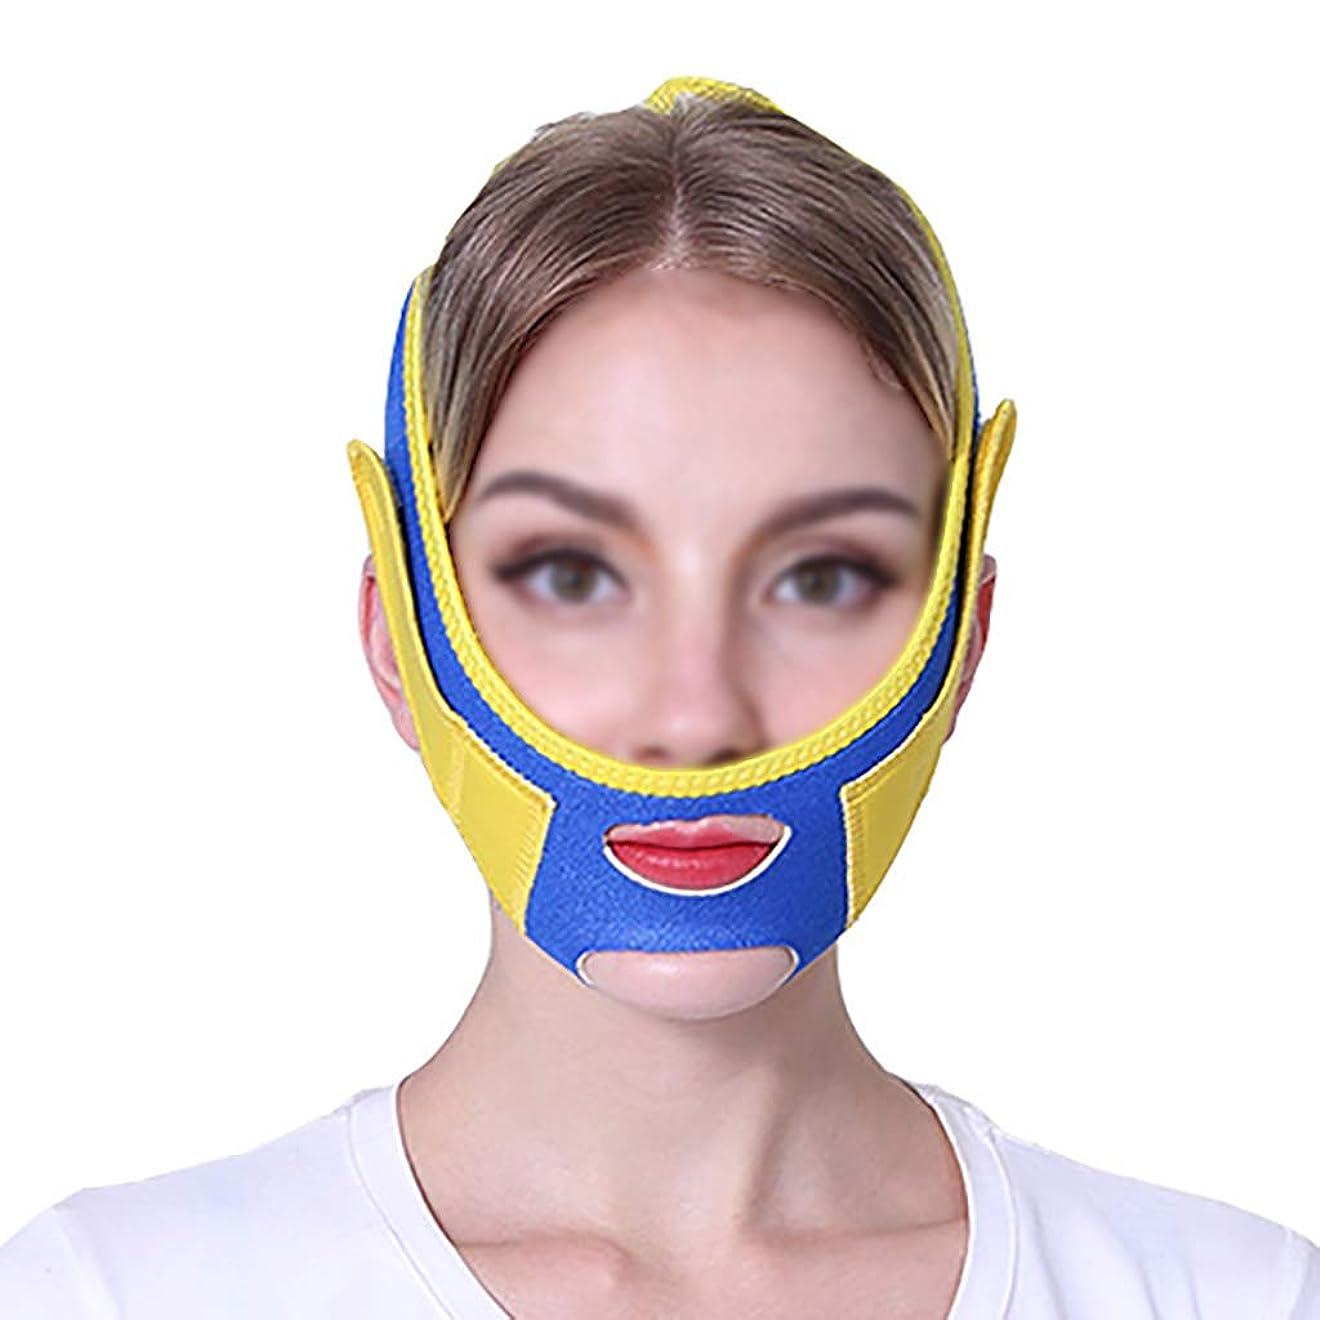 食欲ストッキング育成TLMY ファーミングマスクスモールvフェイスアーティファクトリフティングマスクフェイスリフティングフェイスリフティングマスクファーミングクリームフェイシャルリフティング包帯 顔用整形マスク